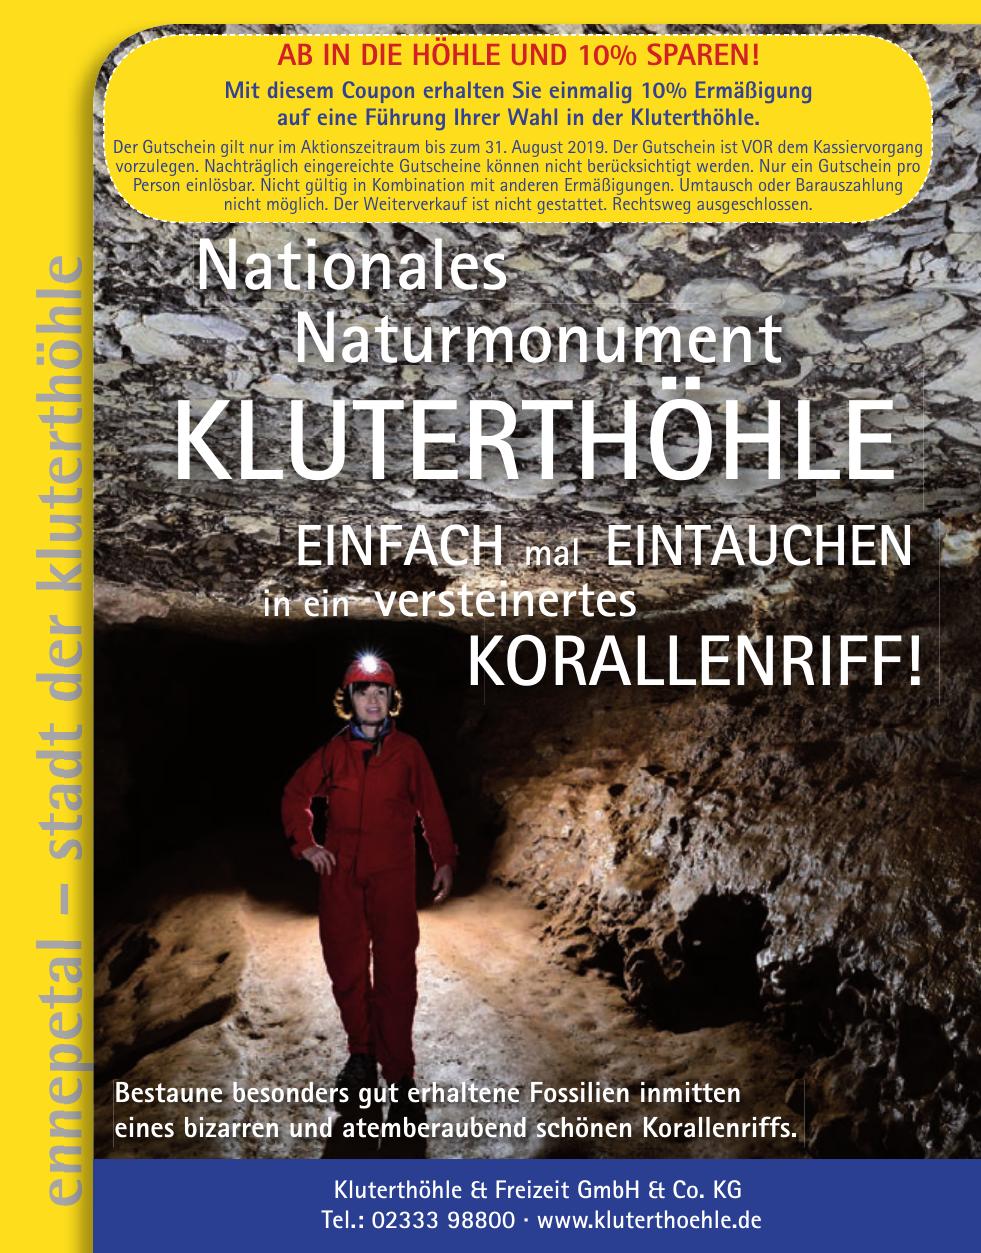 Kluterthöhle & Freizeit GmbH & Co. KG